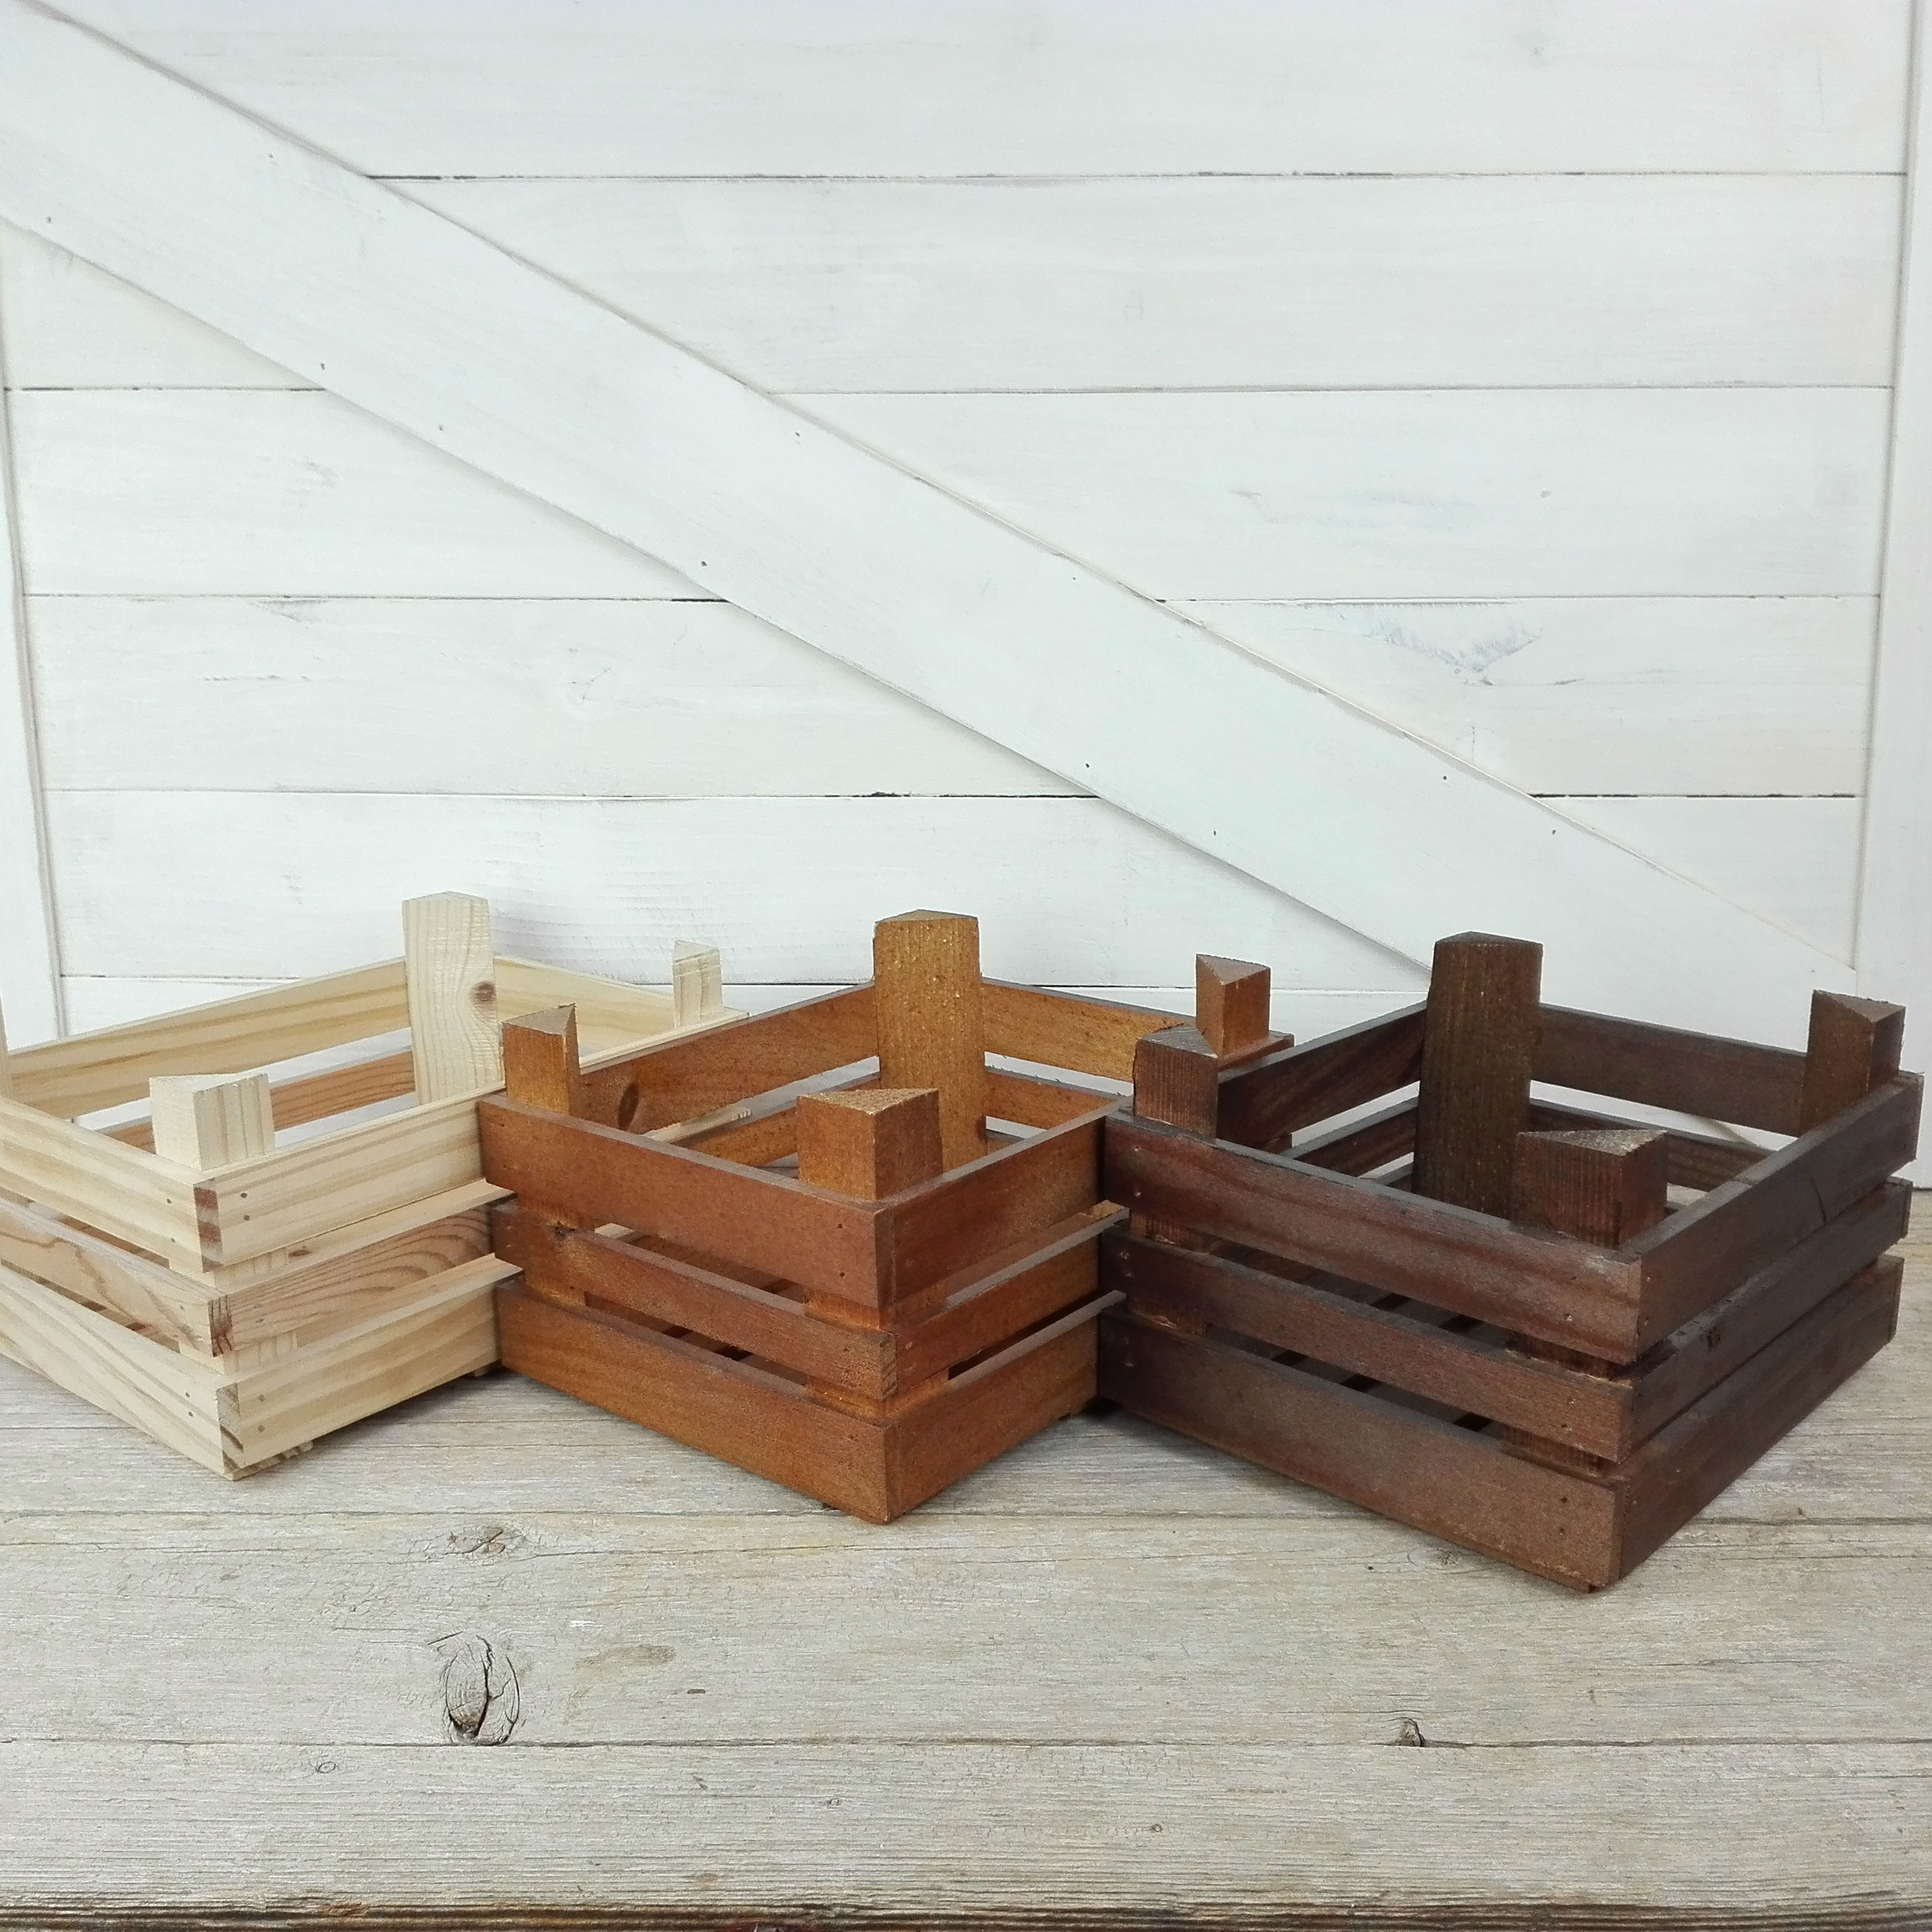 cajas de madera envejecidas